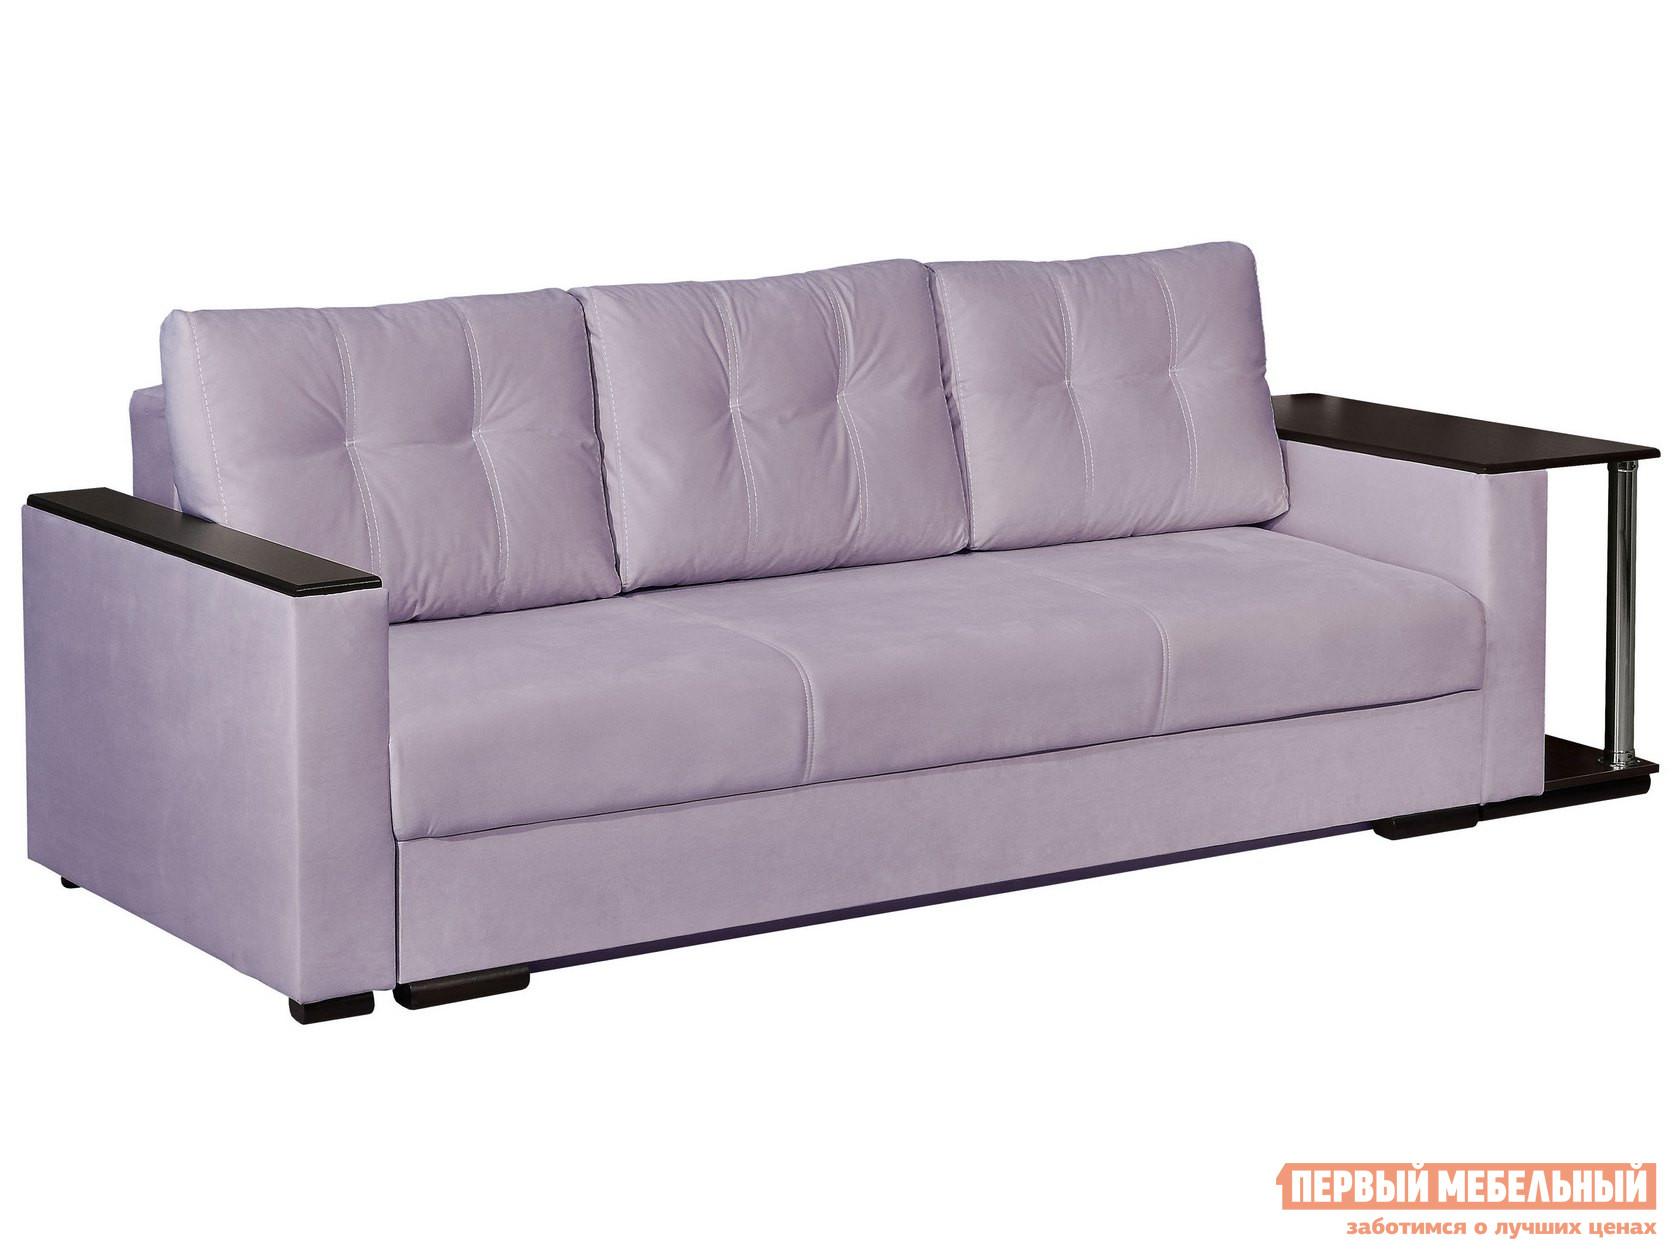 Прямой диван Первый Мебельный Диван Атташе